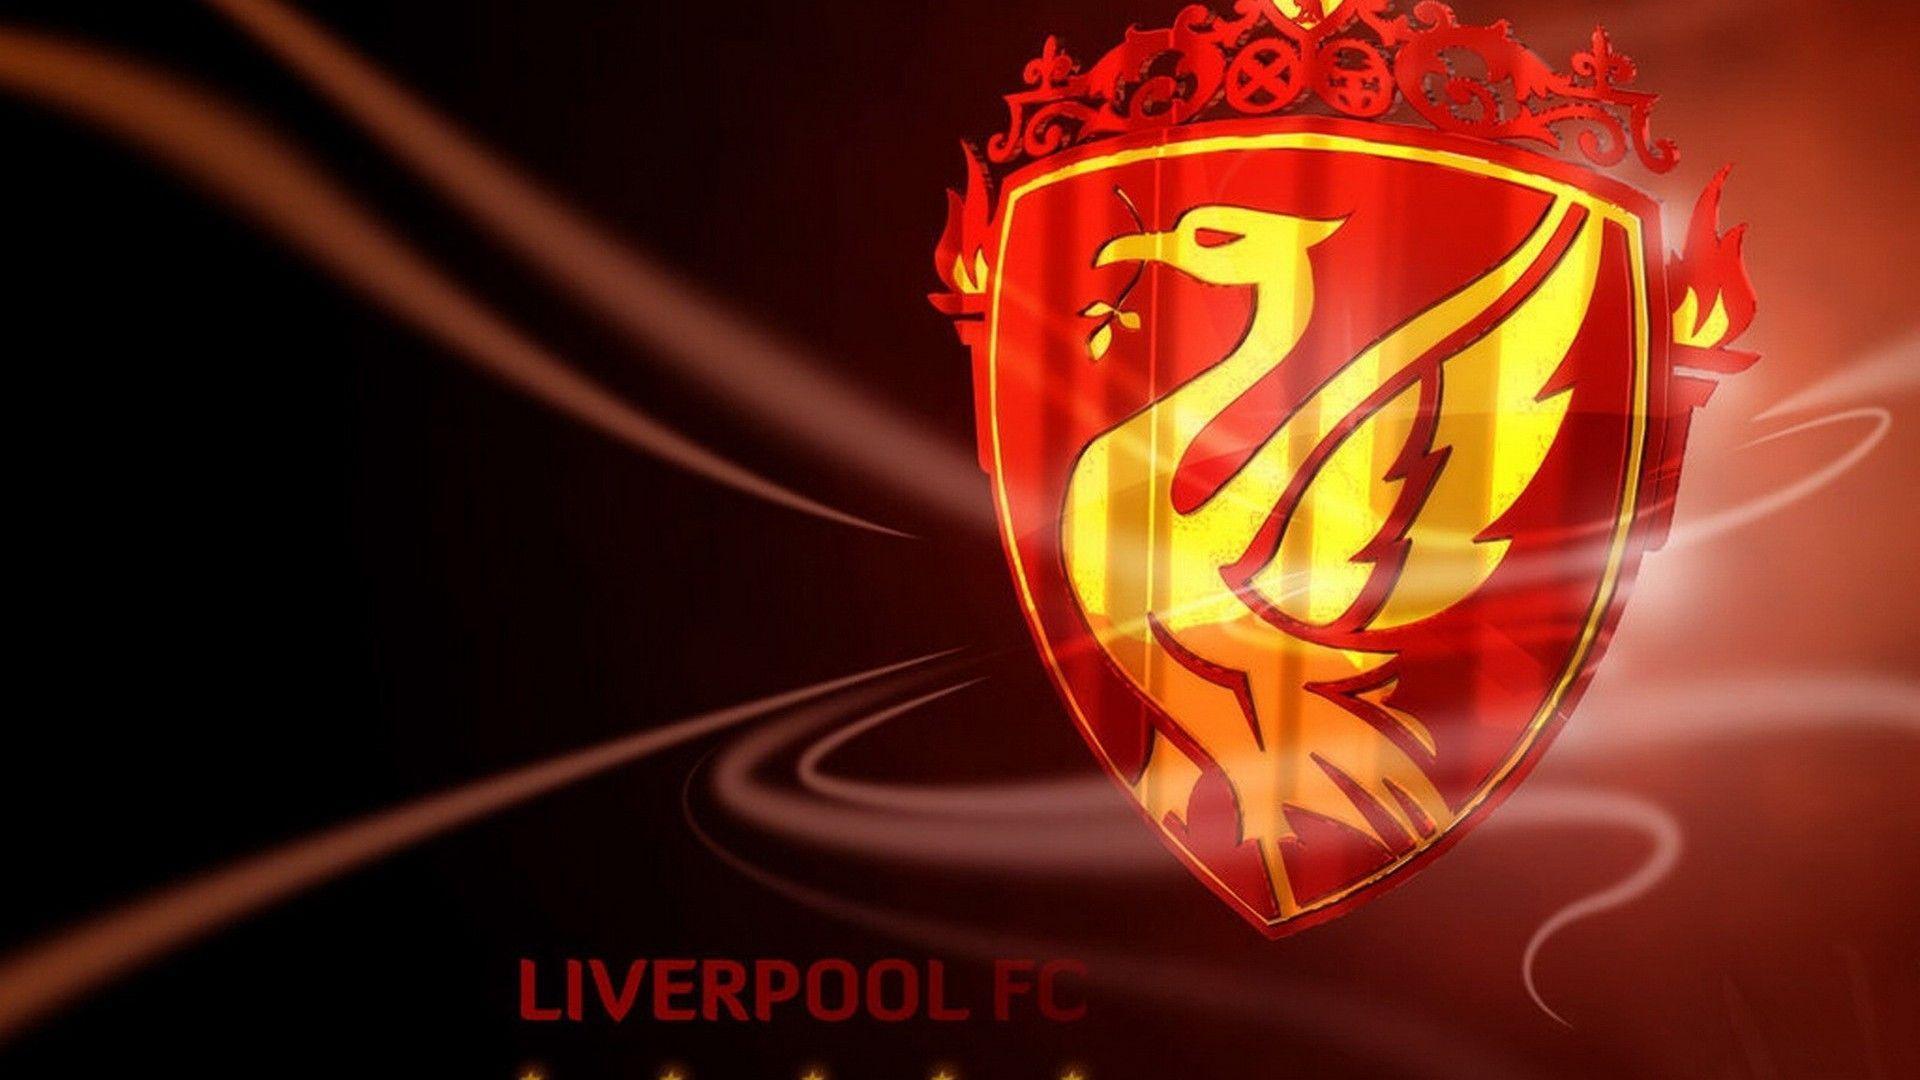 Liverpool FC Wallpapers - WallpaperSafari |Liverpool Screensavers